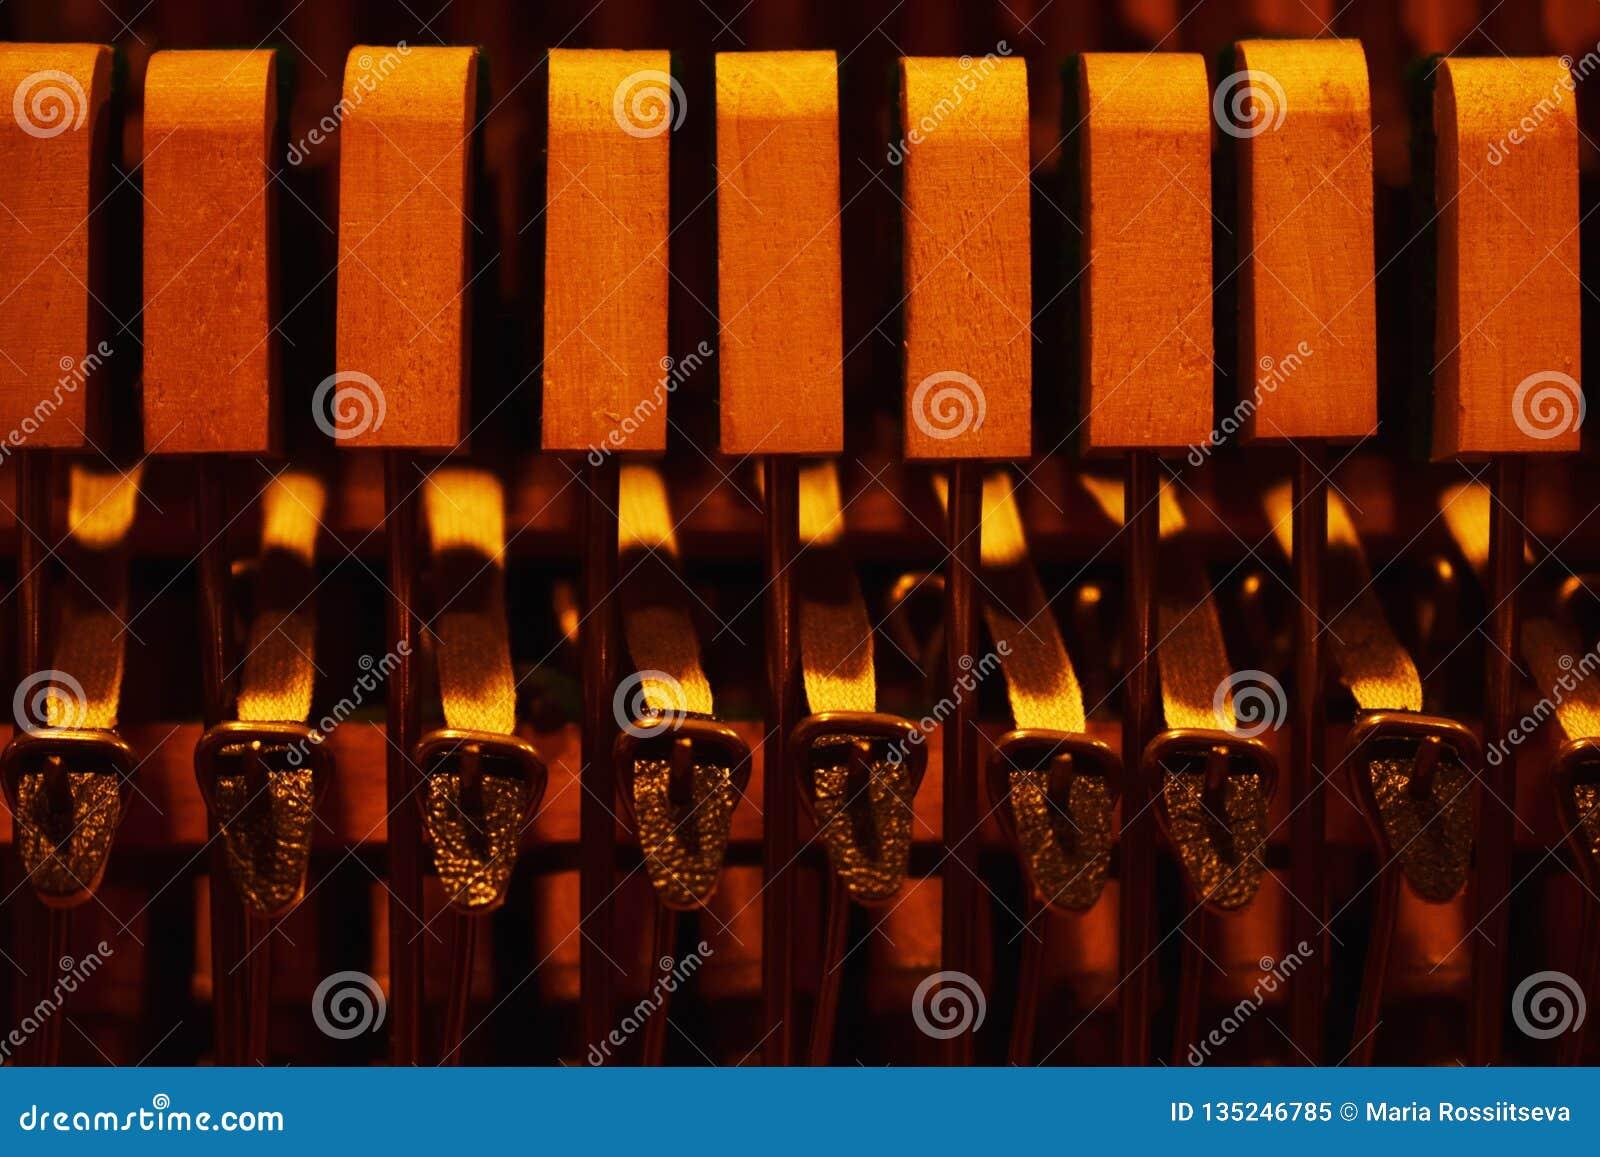 Σφυριά και σειρές μέσα στο πιάνο